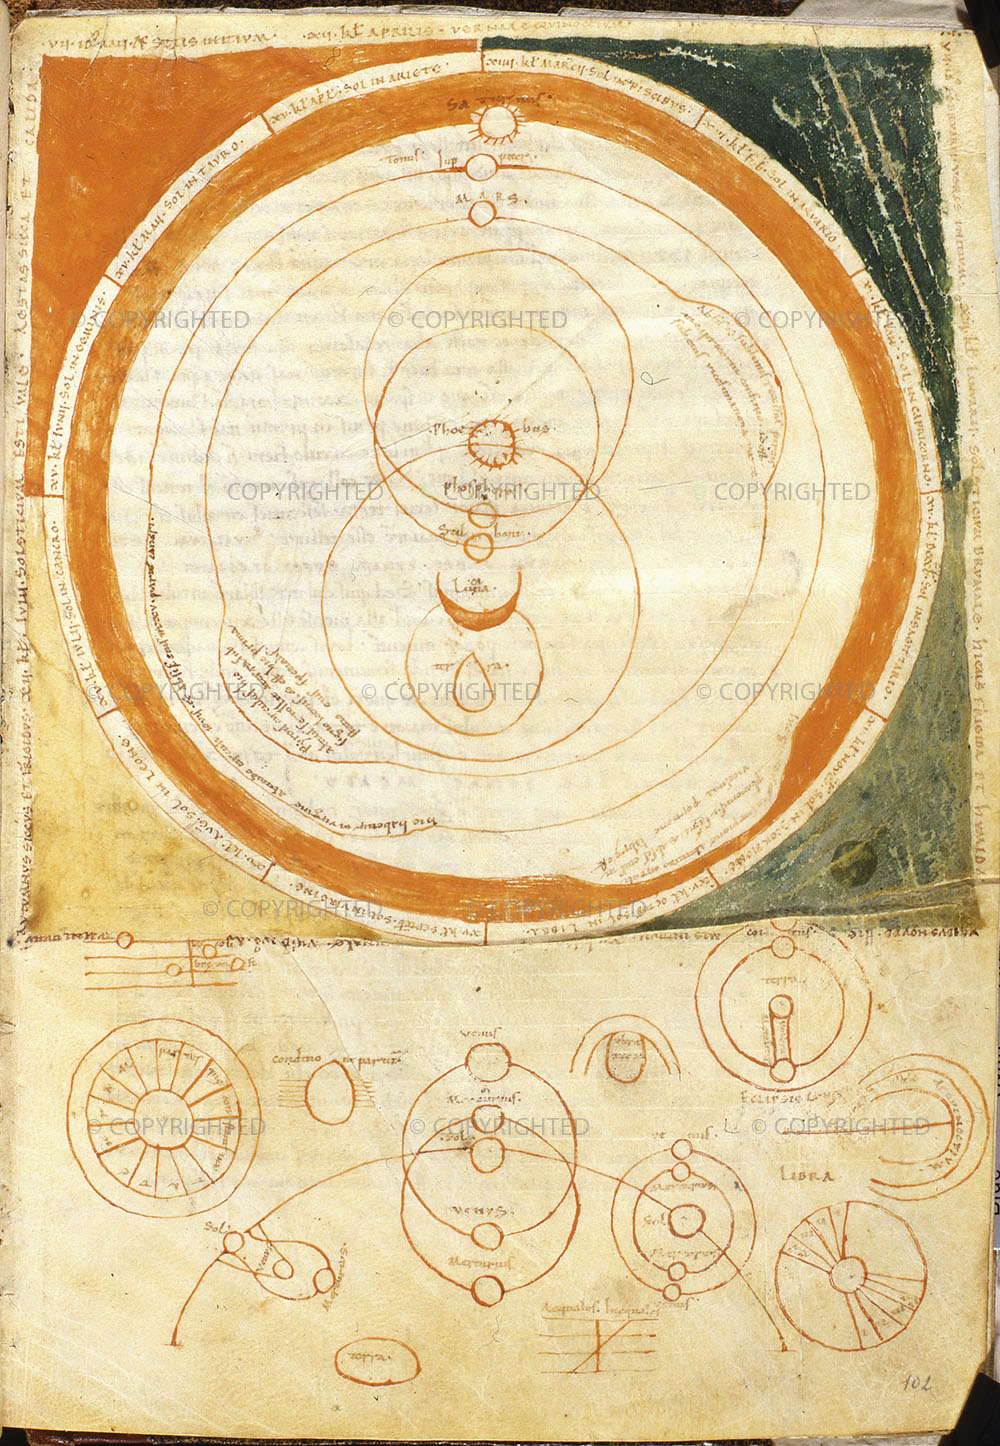 Martianus Capella, De nuptiis Philologiae et Mercurii